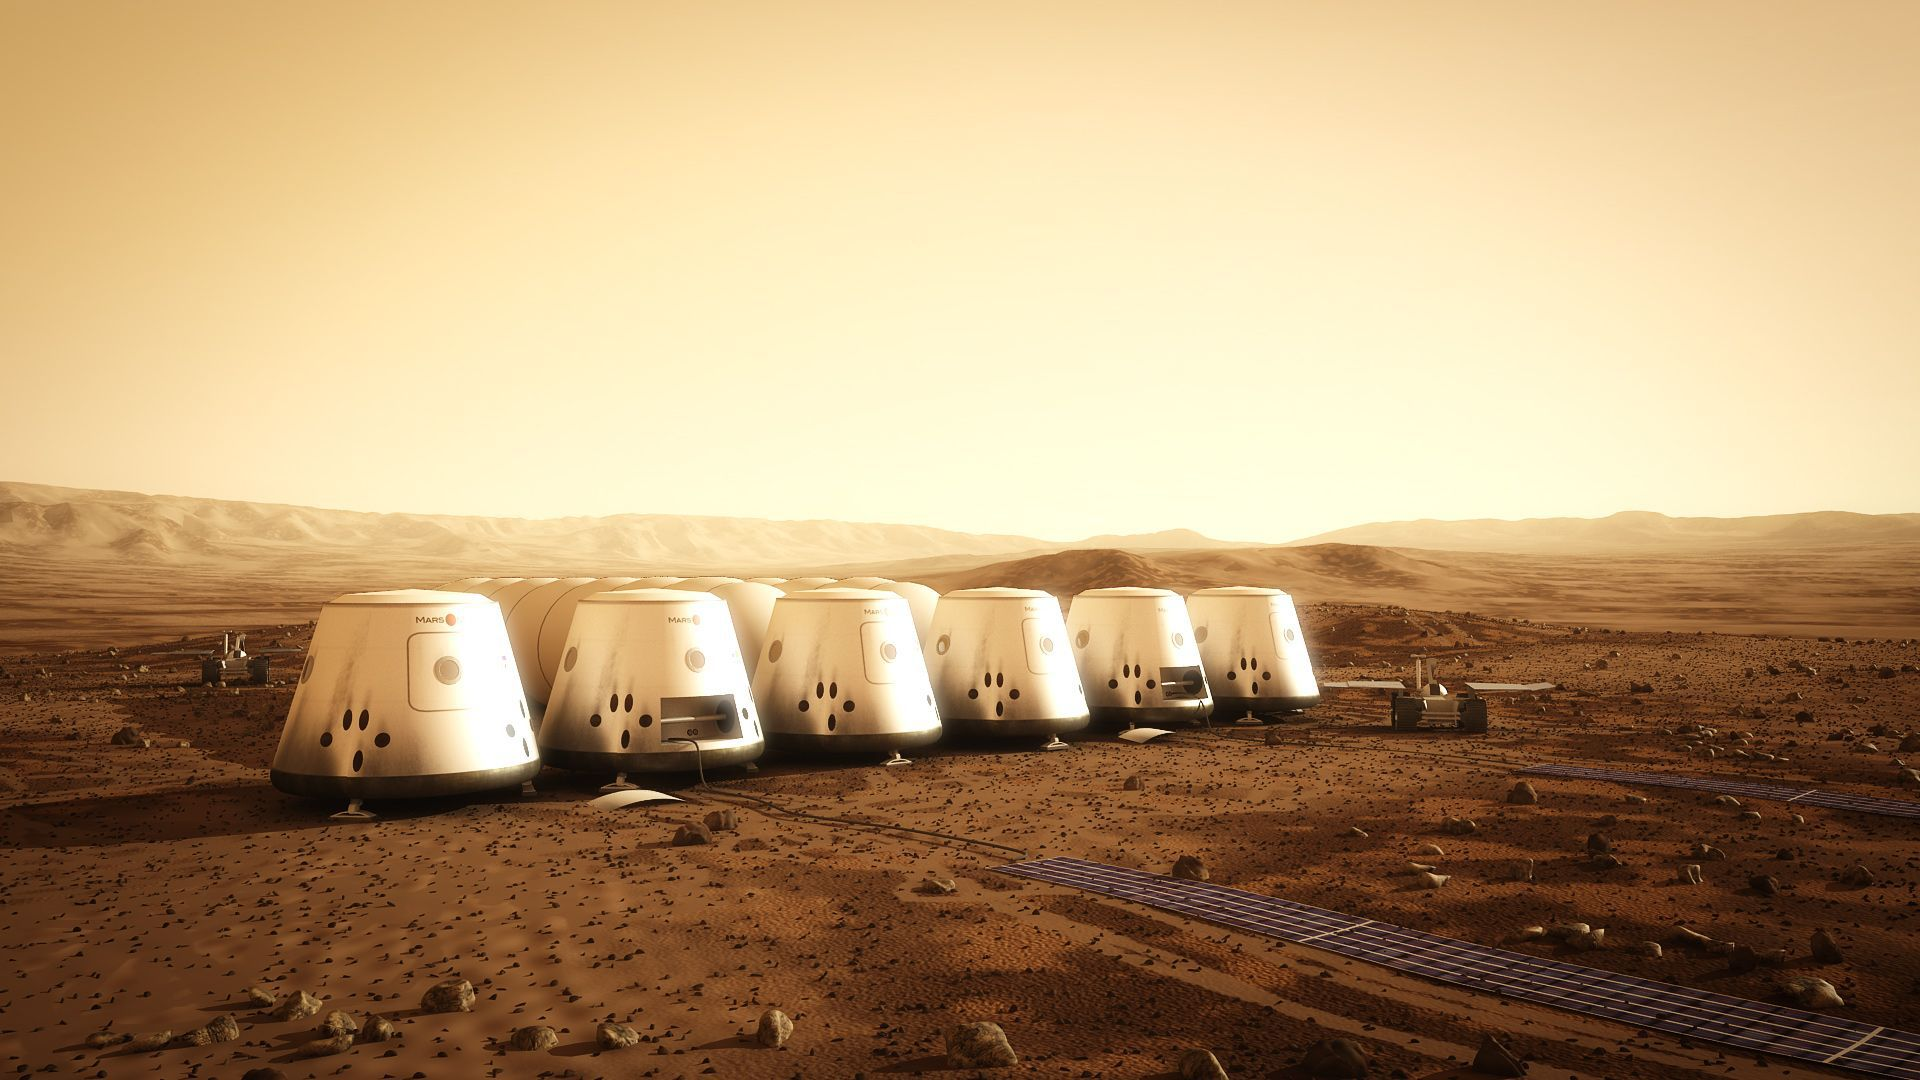 Профессии будущего: Когда мы полетим в космос? - 2